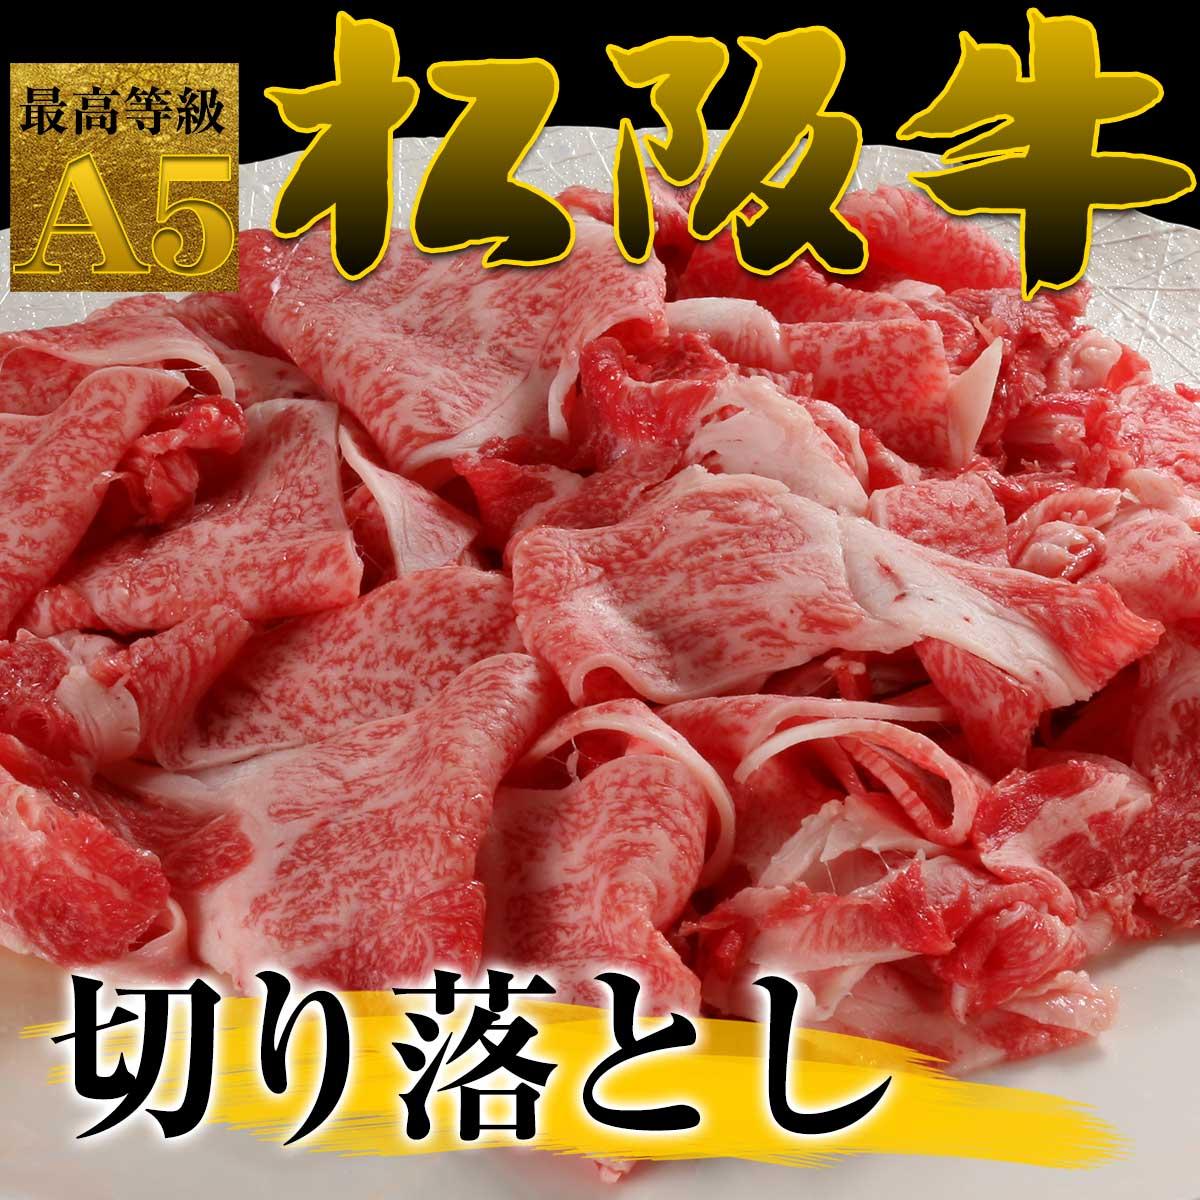 松阪牛すき焼き&ハンバーグセット